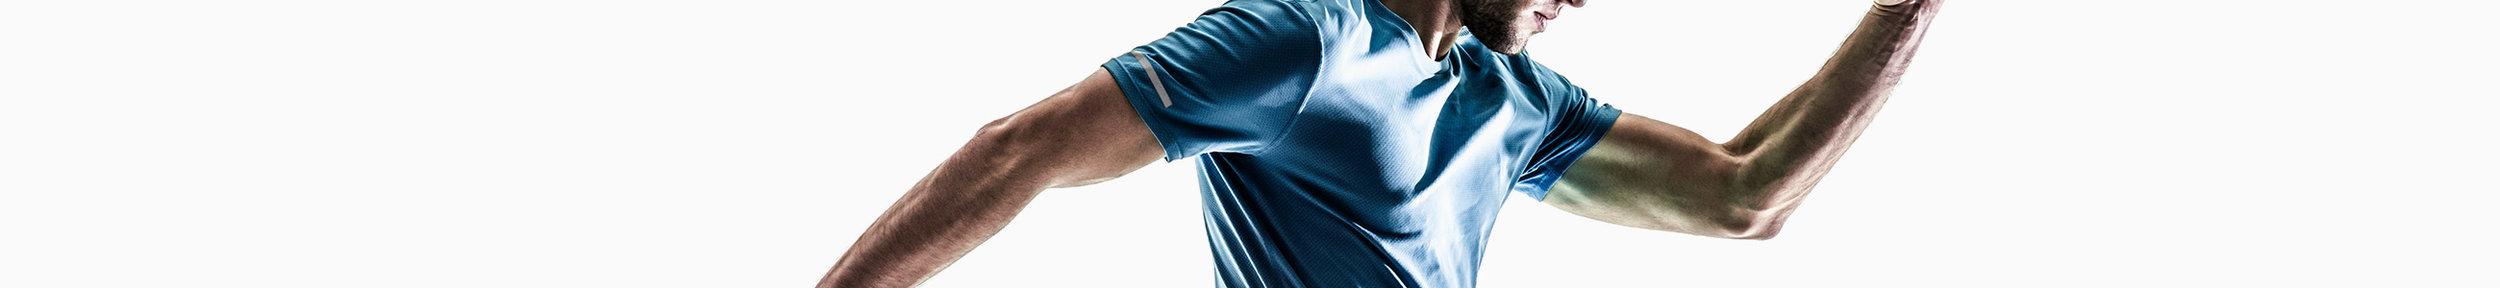 Shoulder -